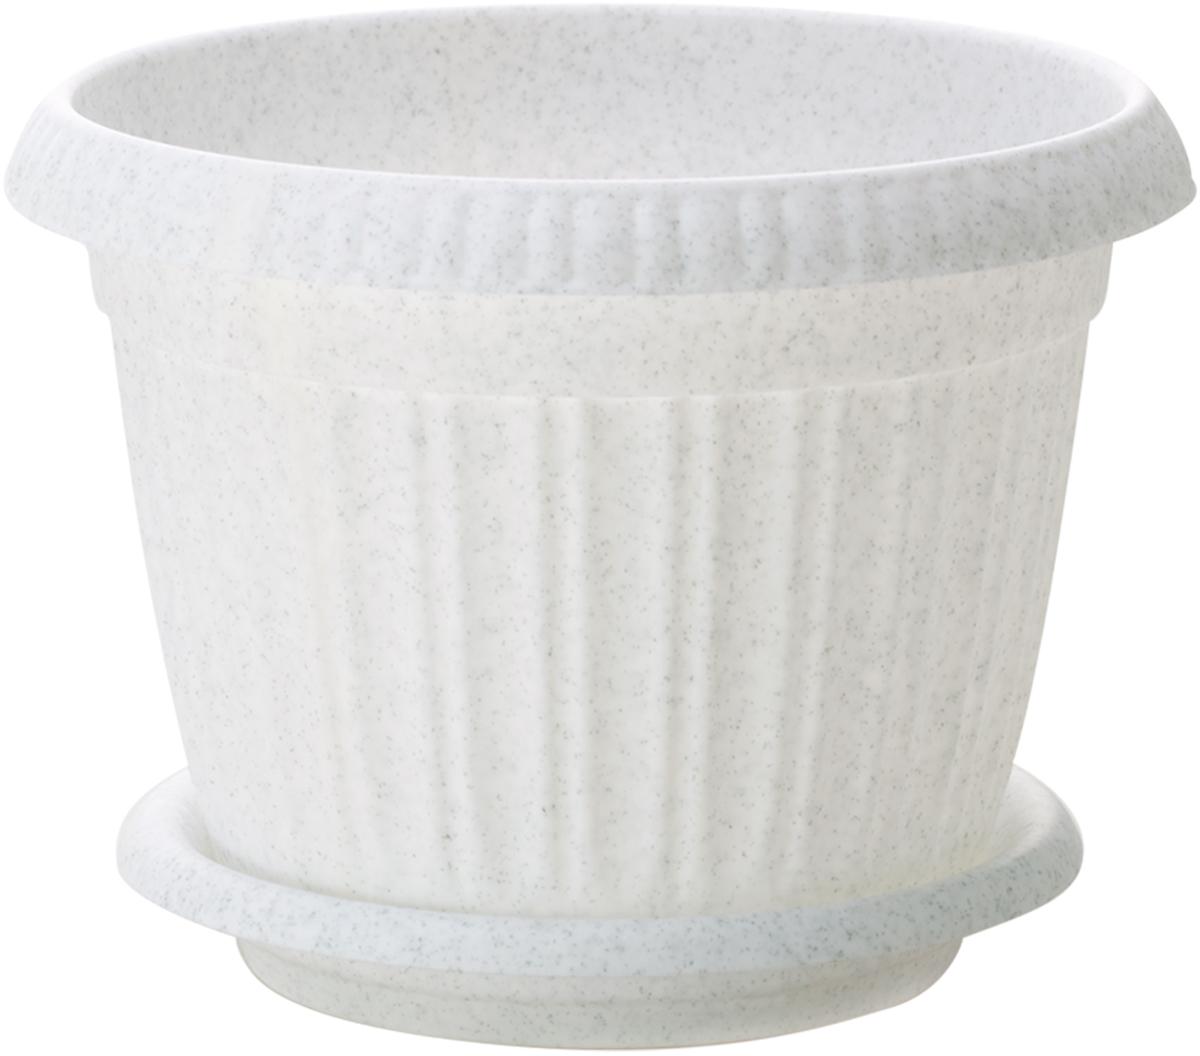 Горшок для цветов InGreen Таити, с подставкой, цвет: мраморный, диаметр 42 смING41042FМРГоршок InGreen Таити выполнен из высококачественного пластика и предназначен для выращивания цветов, растений и трав. Снабжен подставкой для стока воды.Такой горшок порадует вас функциональностью, а благодаря лаконичному дизайну впишется в любой интерьер помещения.